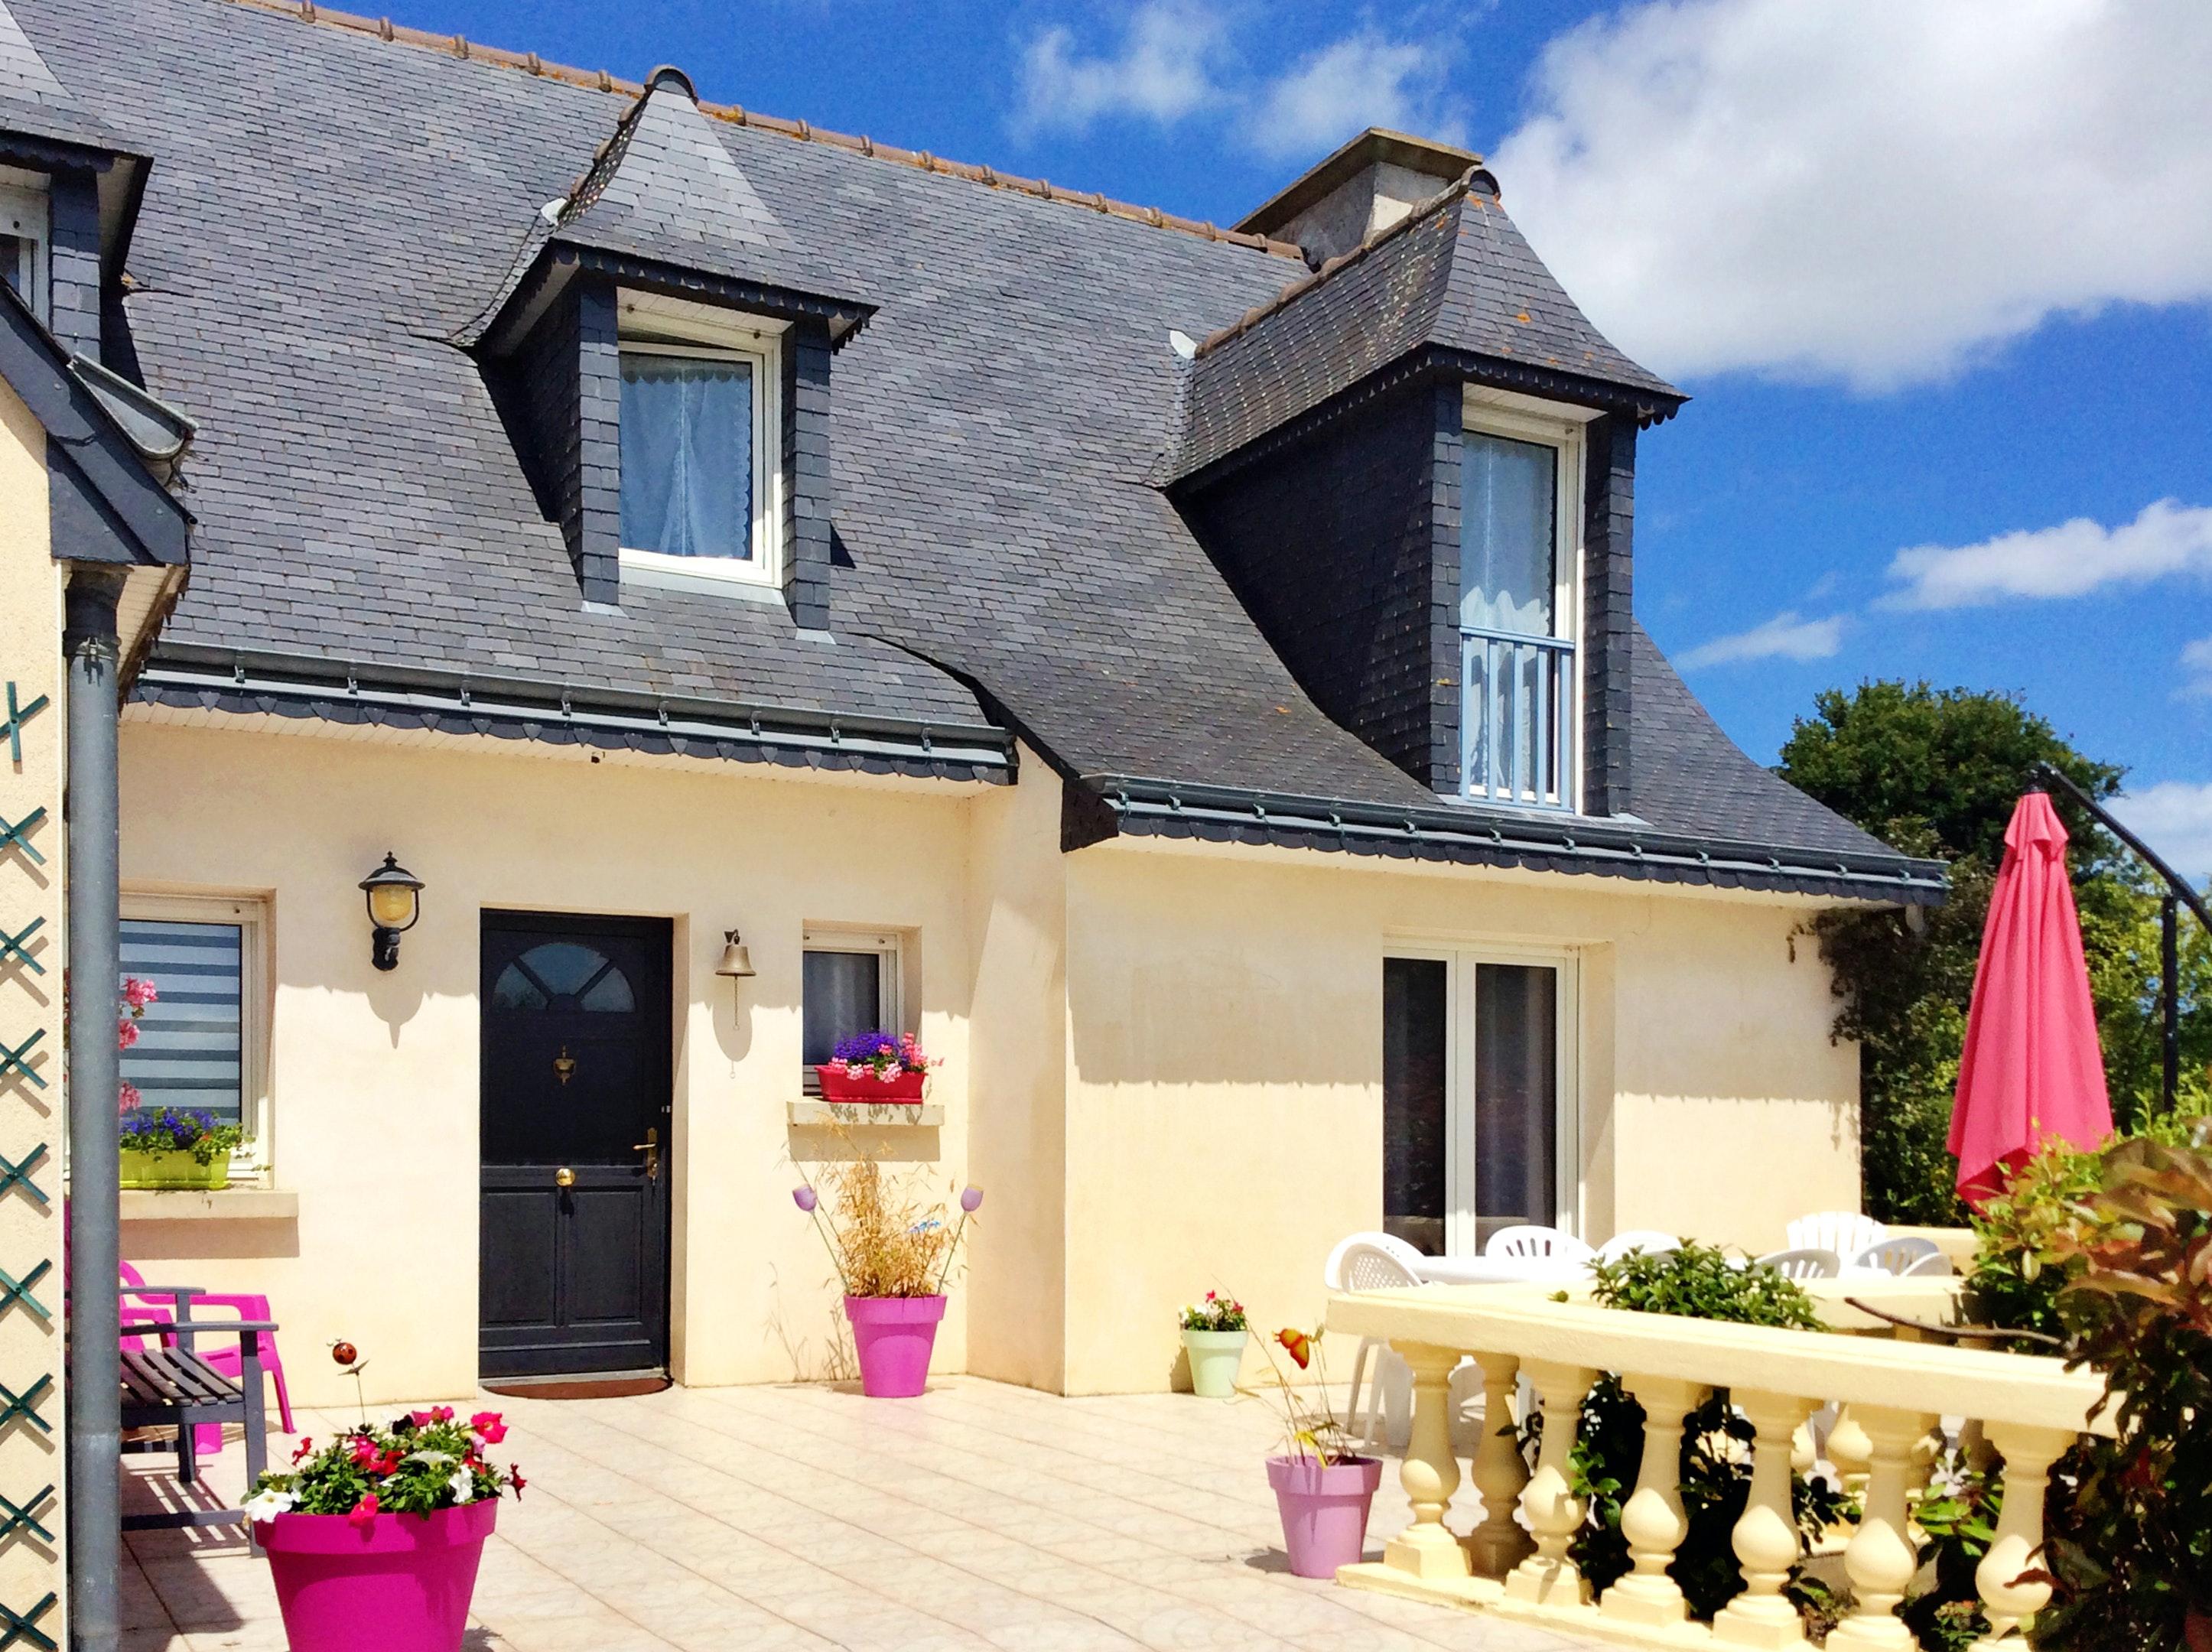 Haus mit 4 Schlafzimmern in Trégomeur mit m Ferienhaus in Frankreich